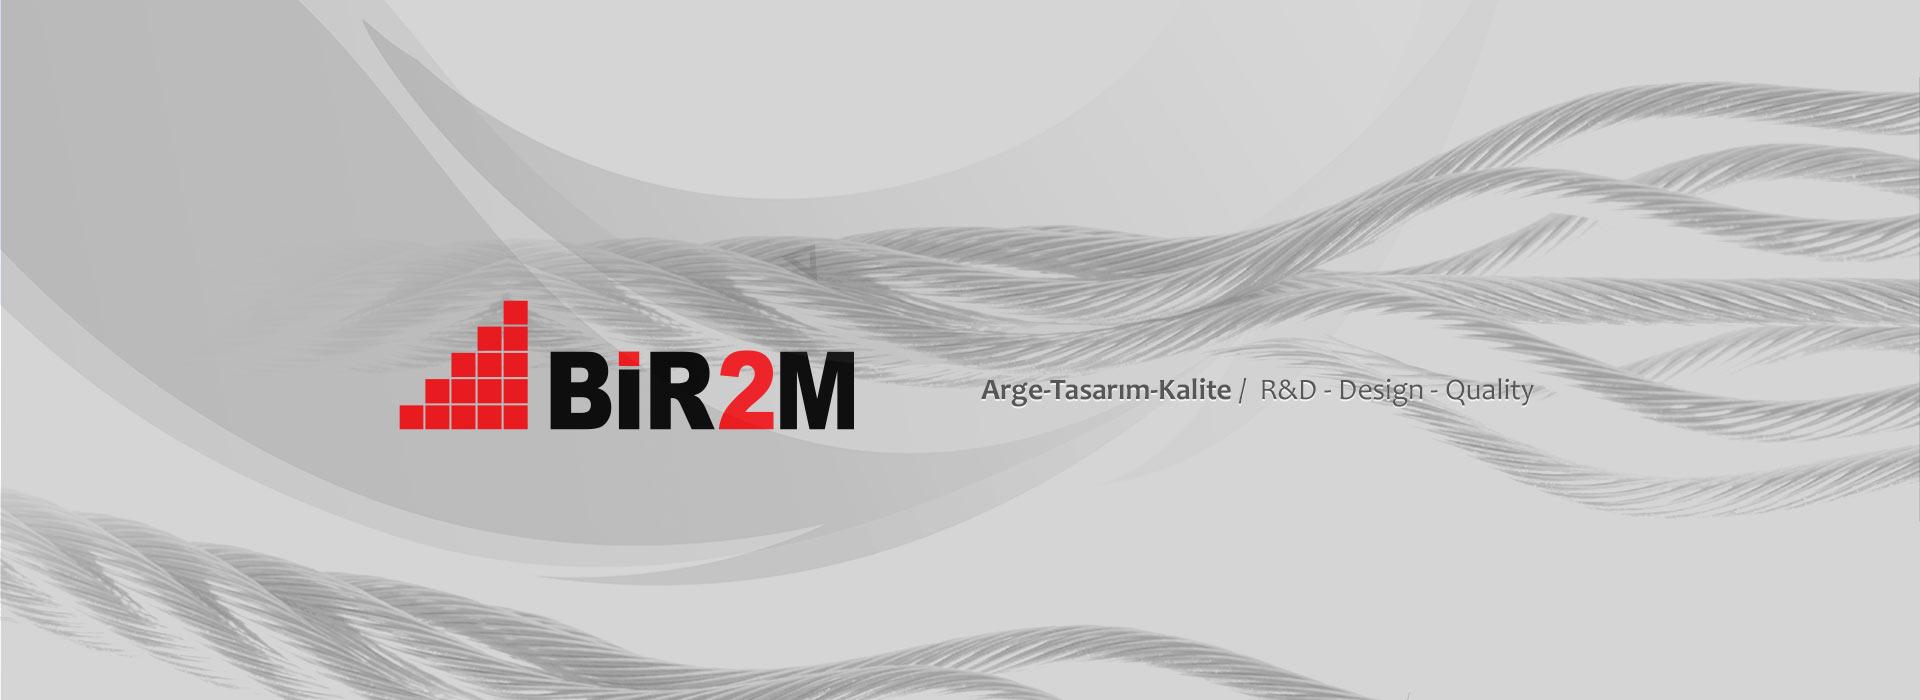 BIR2M